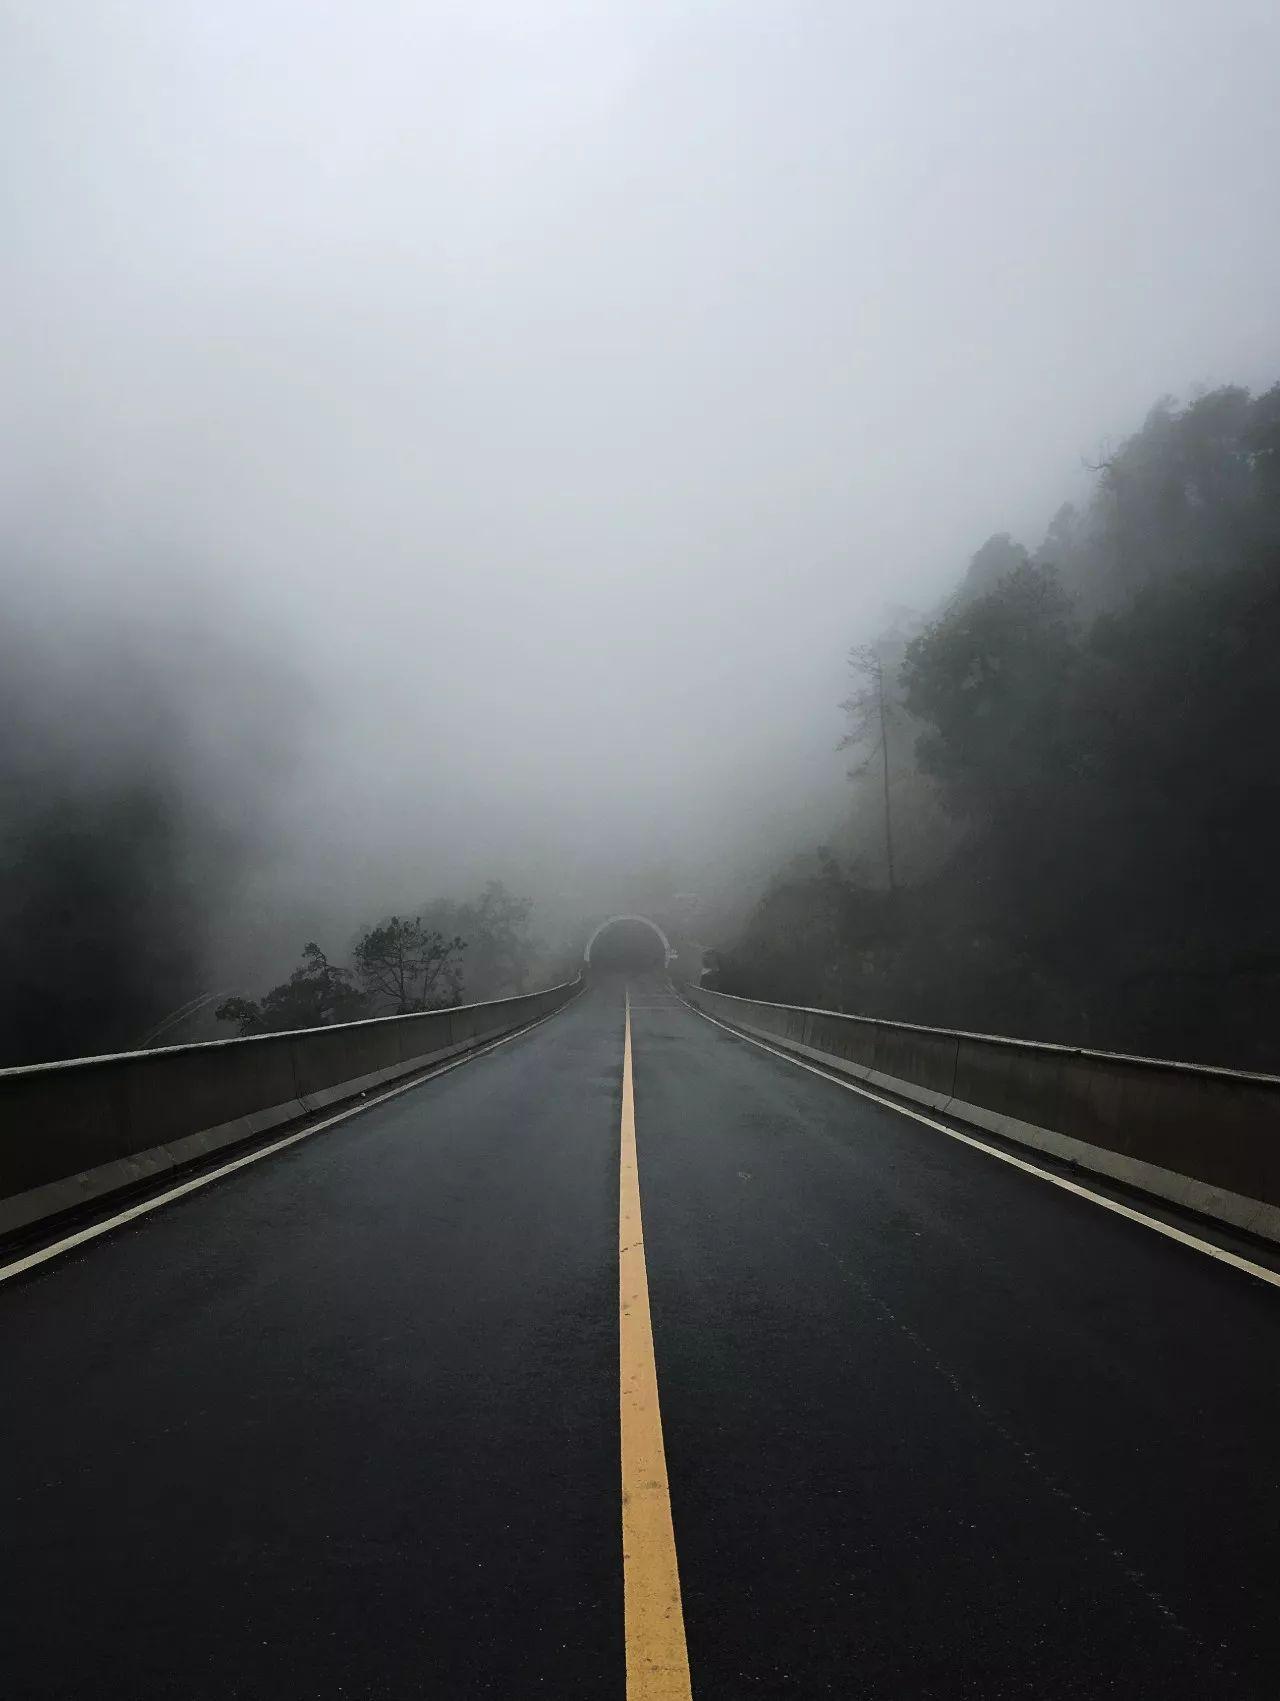 路_壁纸 道路 高速 高速公路 公路 桌面 1280_1701 竖版 竖屏 手机